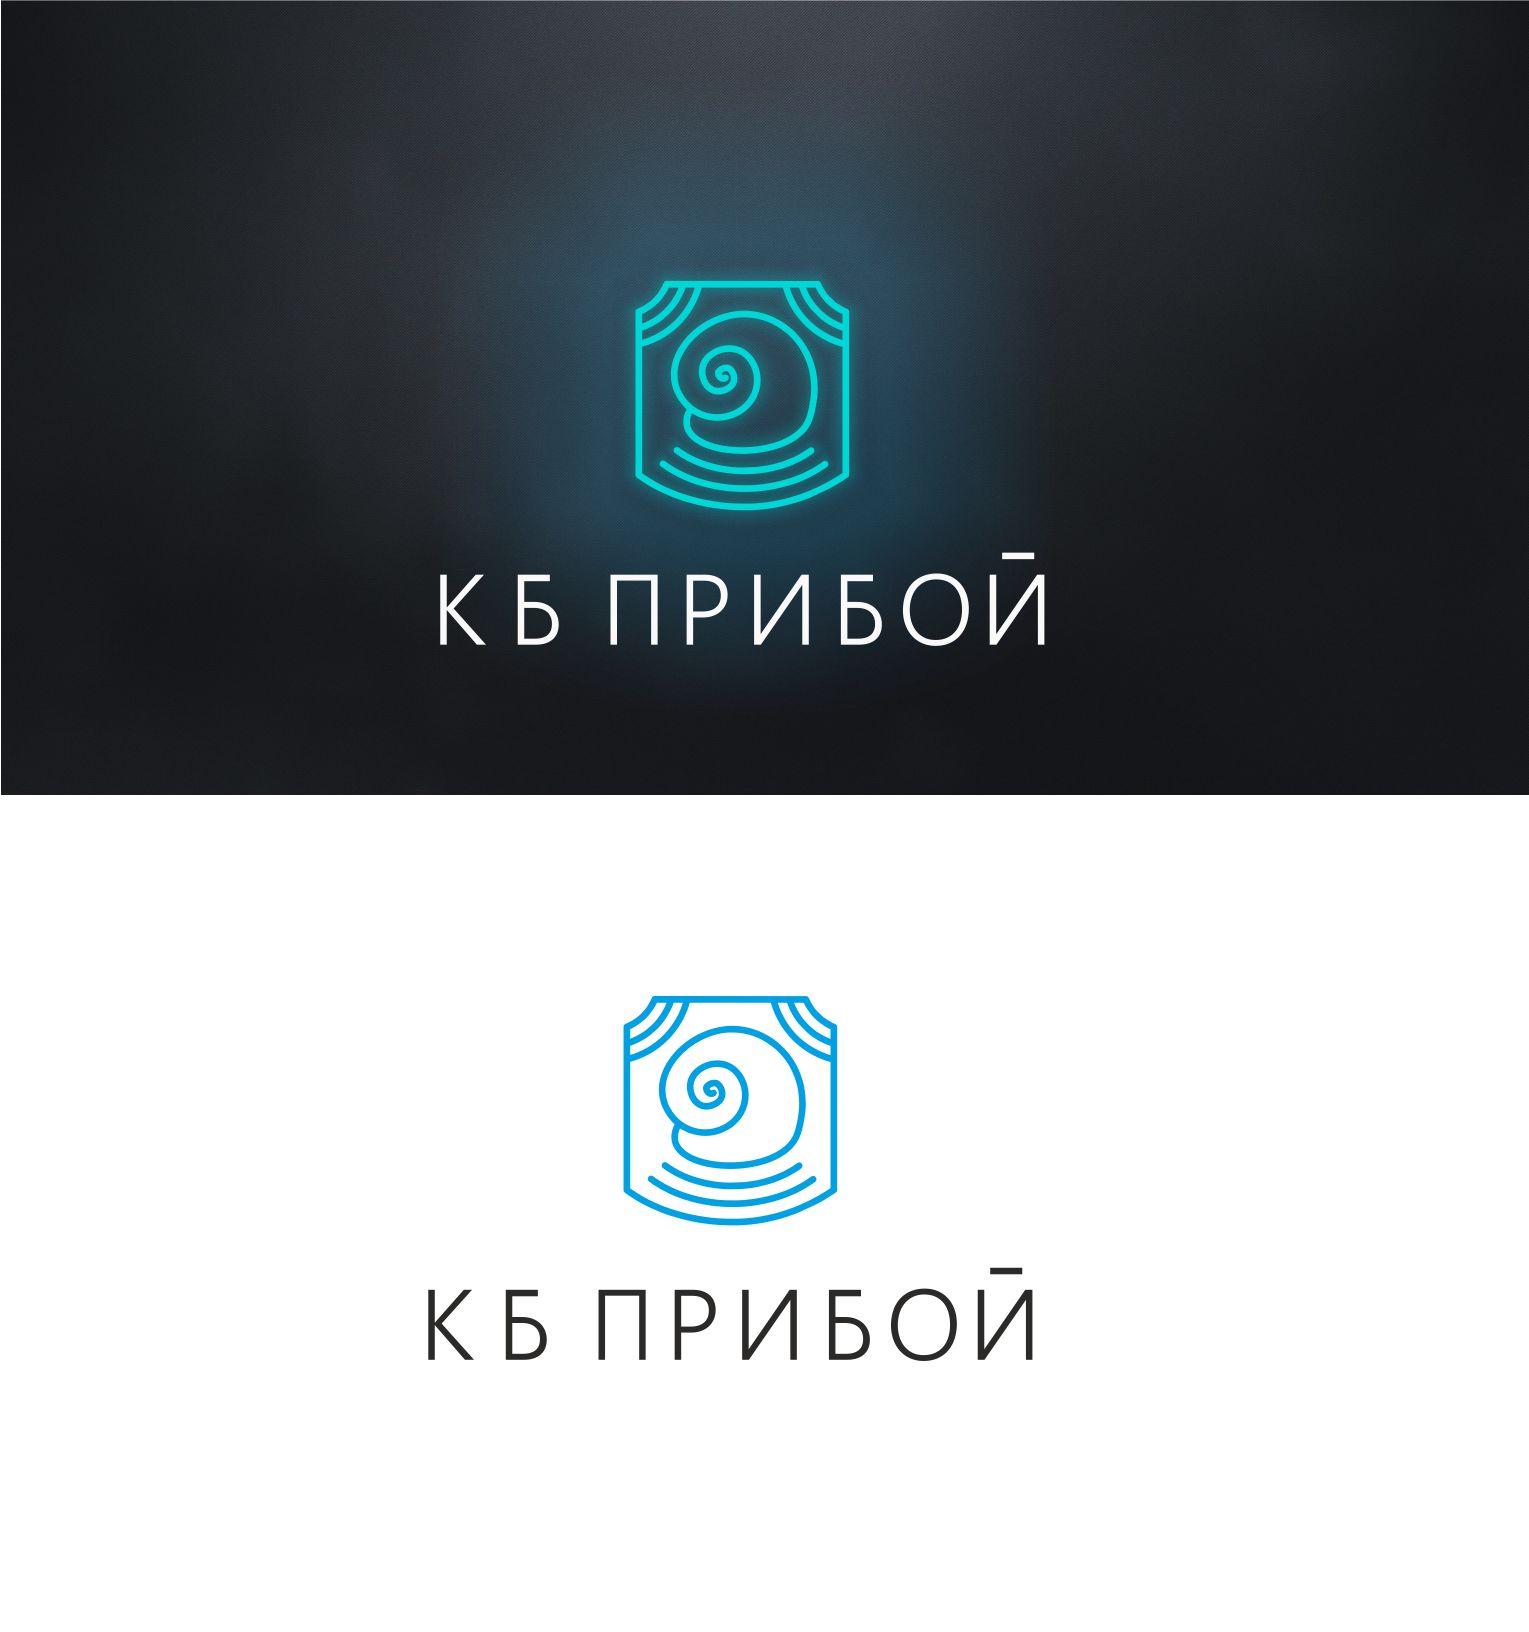 Разработка логотипа и фирменного стиля для КБ Прибой фото f_3905b297bb493b81.jpg